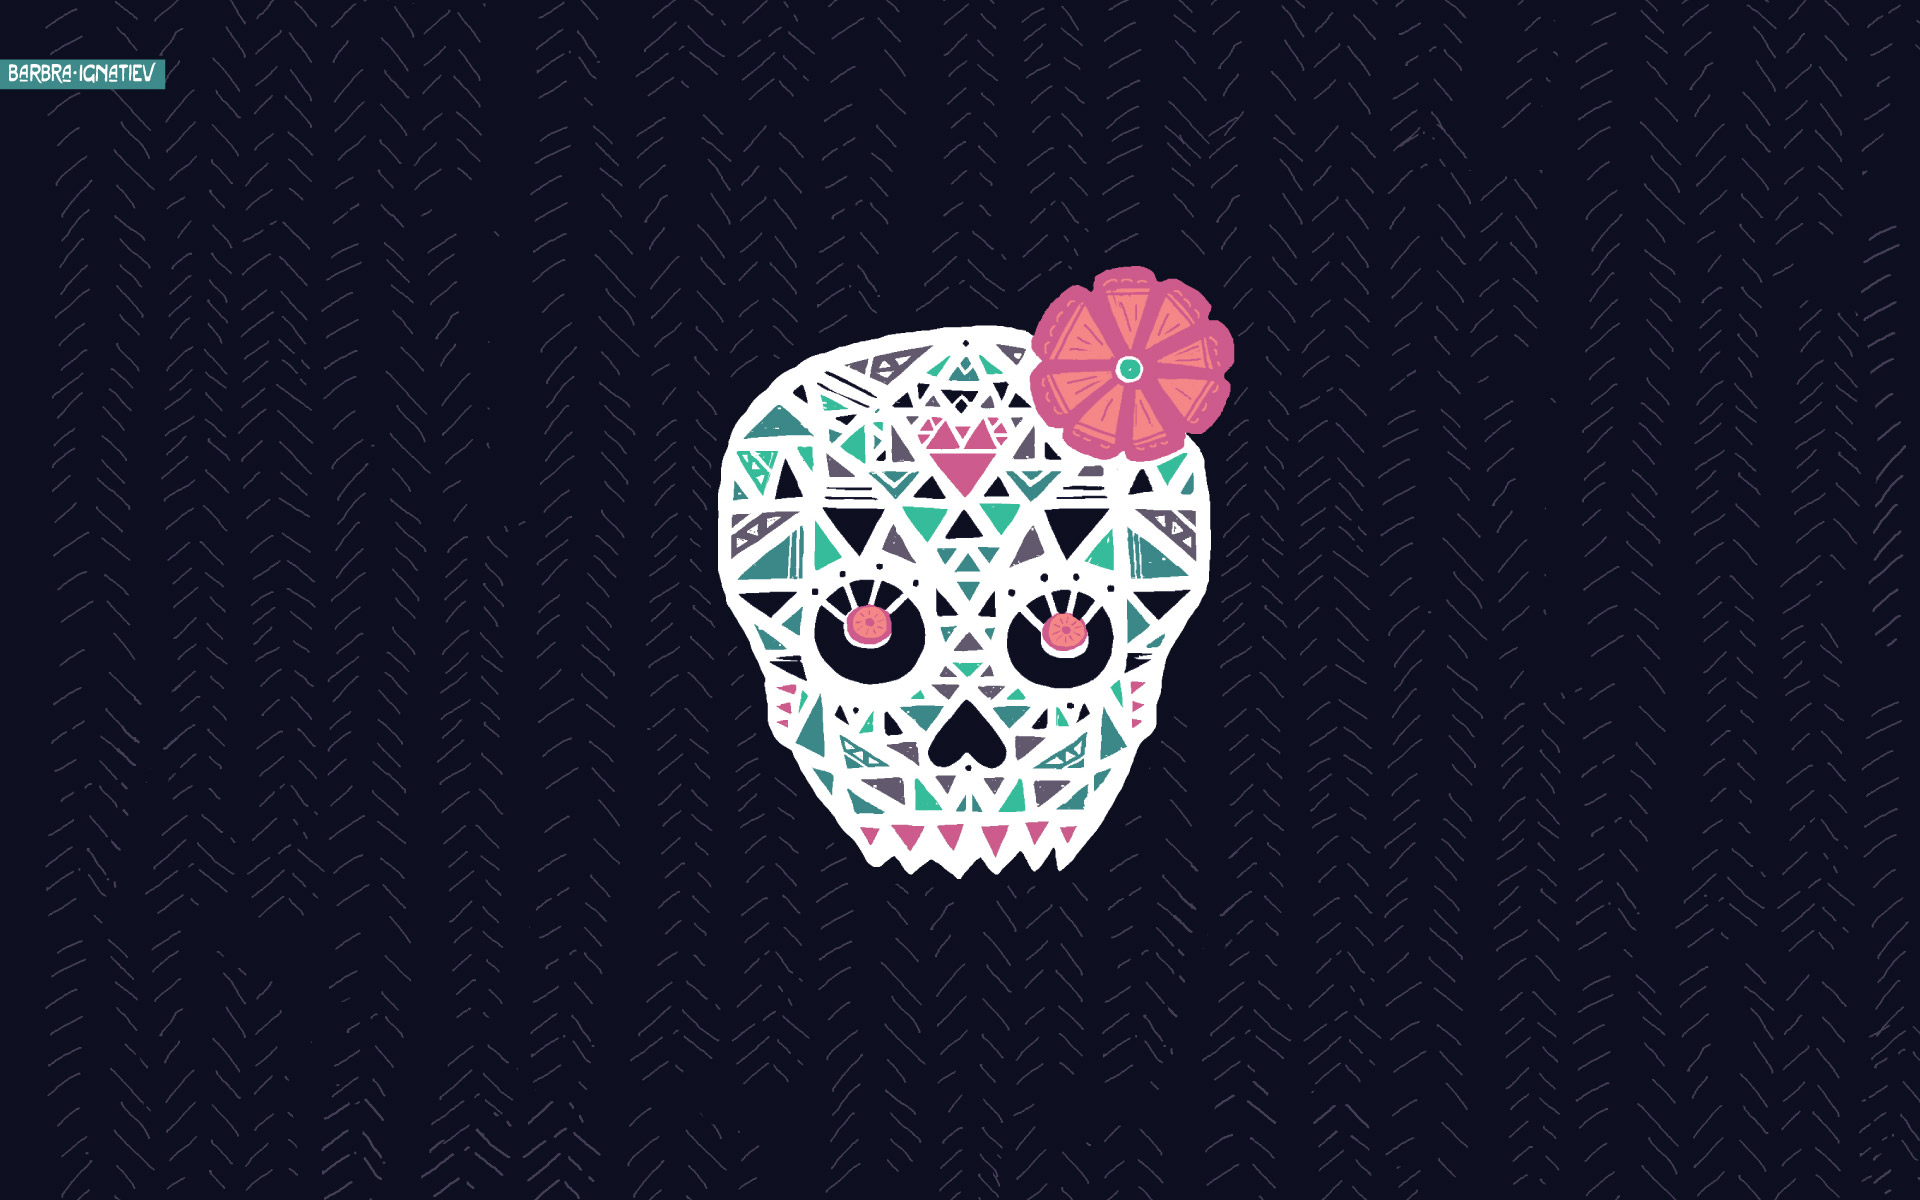 Sugar Skull Wallpapers - WallpaperSafari